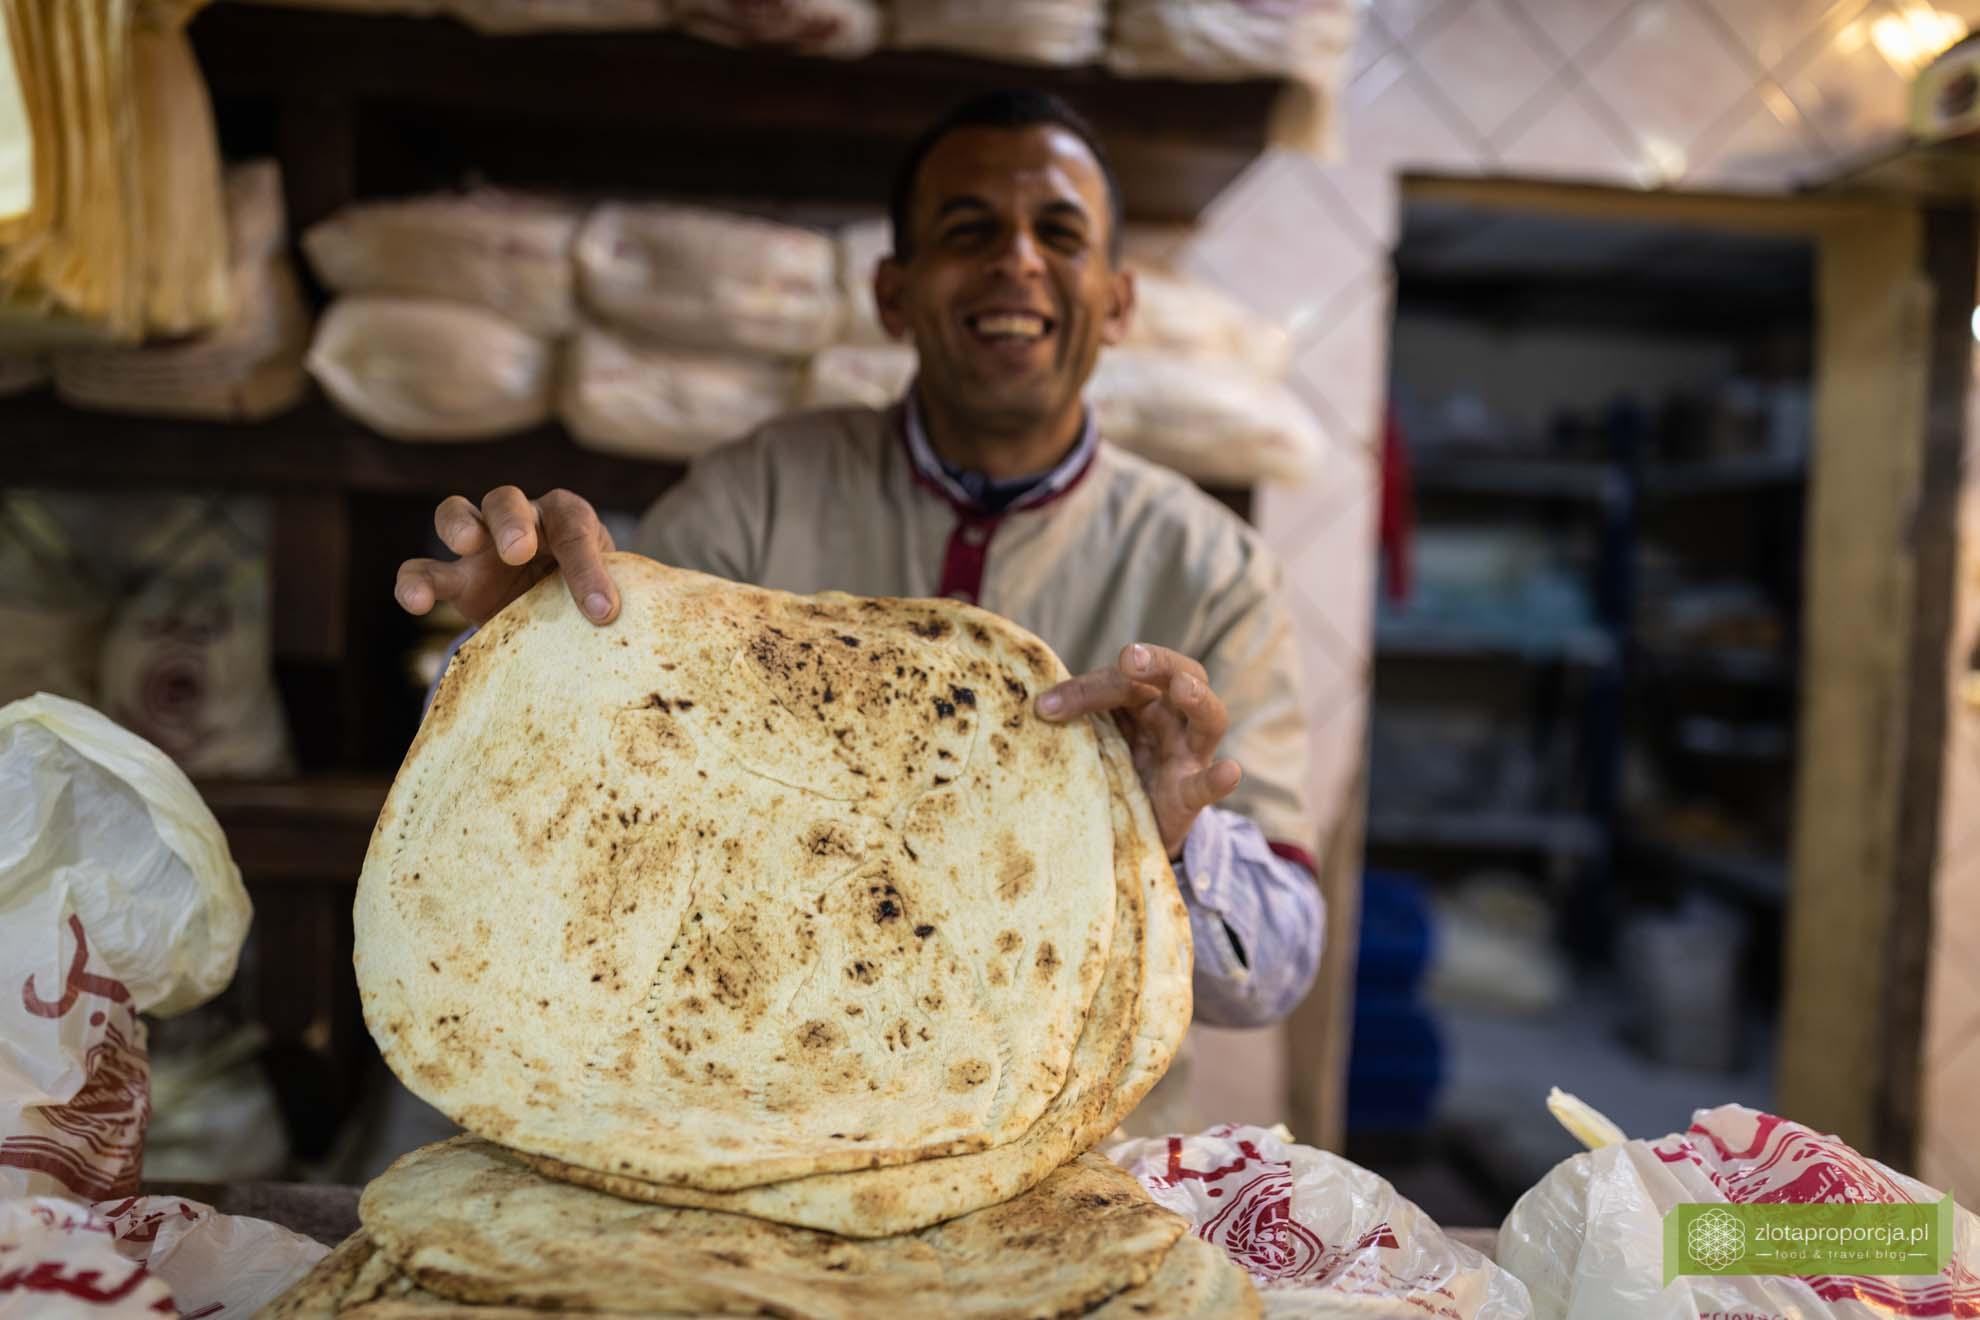 Jordania; Jordania jedzenie, Jordania kuchnia, kuchnia Jordanii; pita, piekarnia w Jordanii;